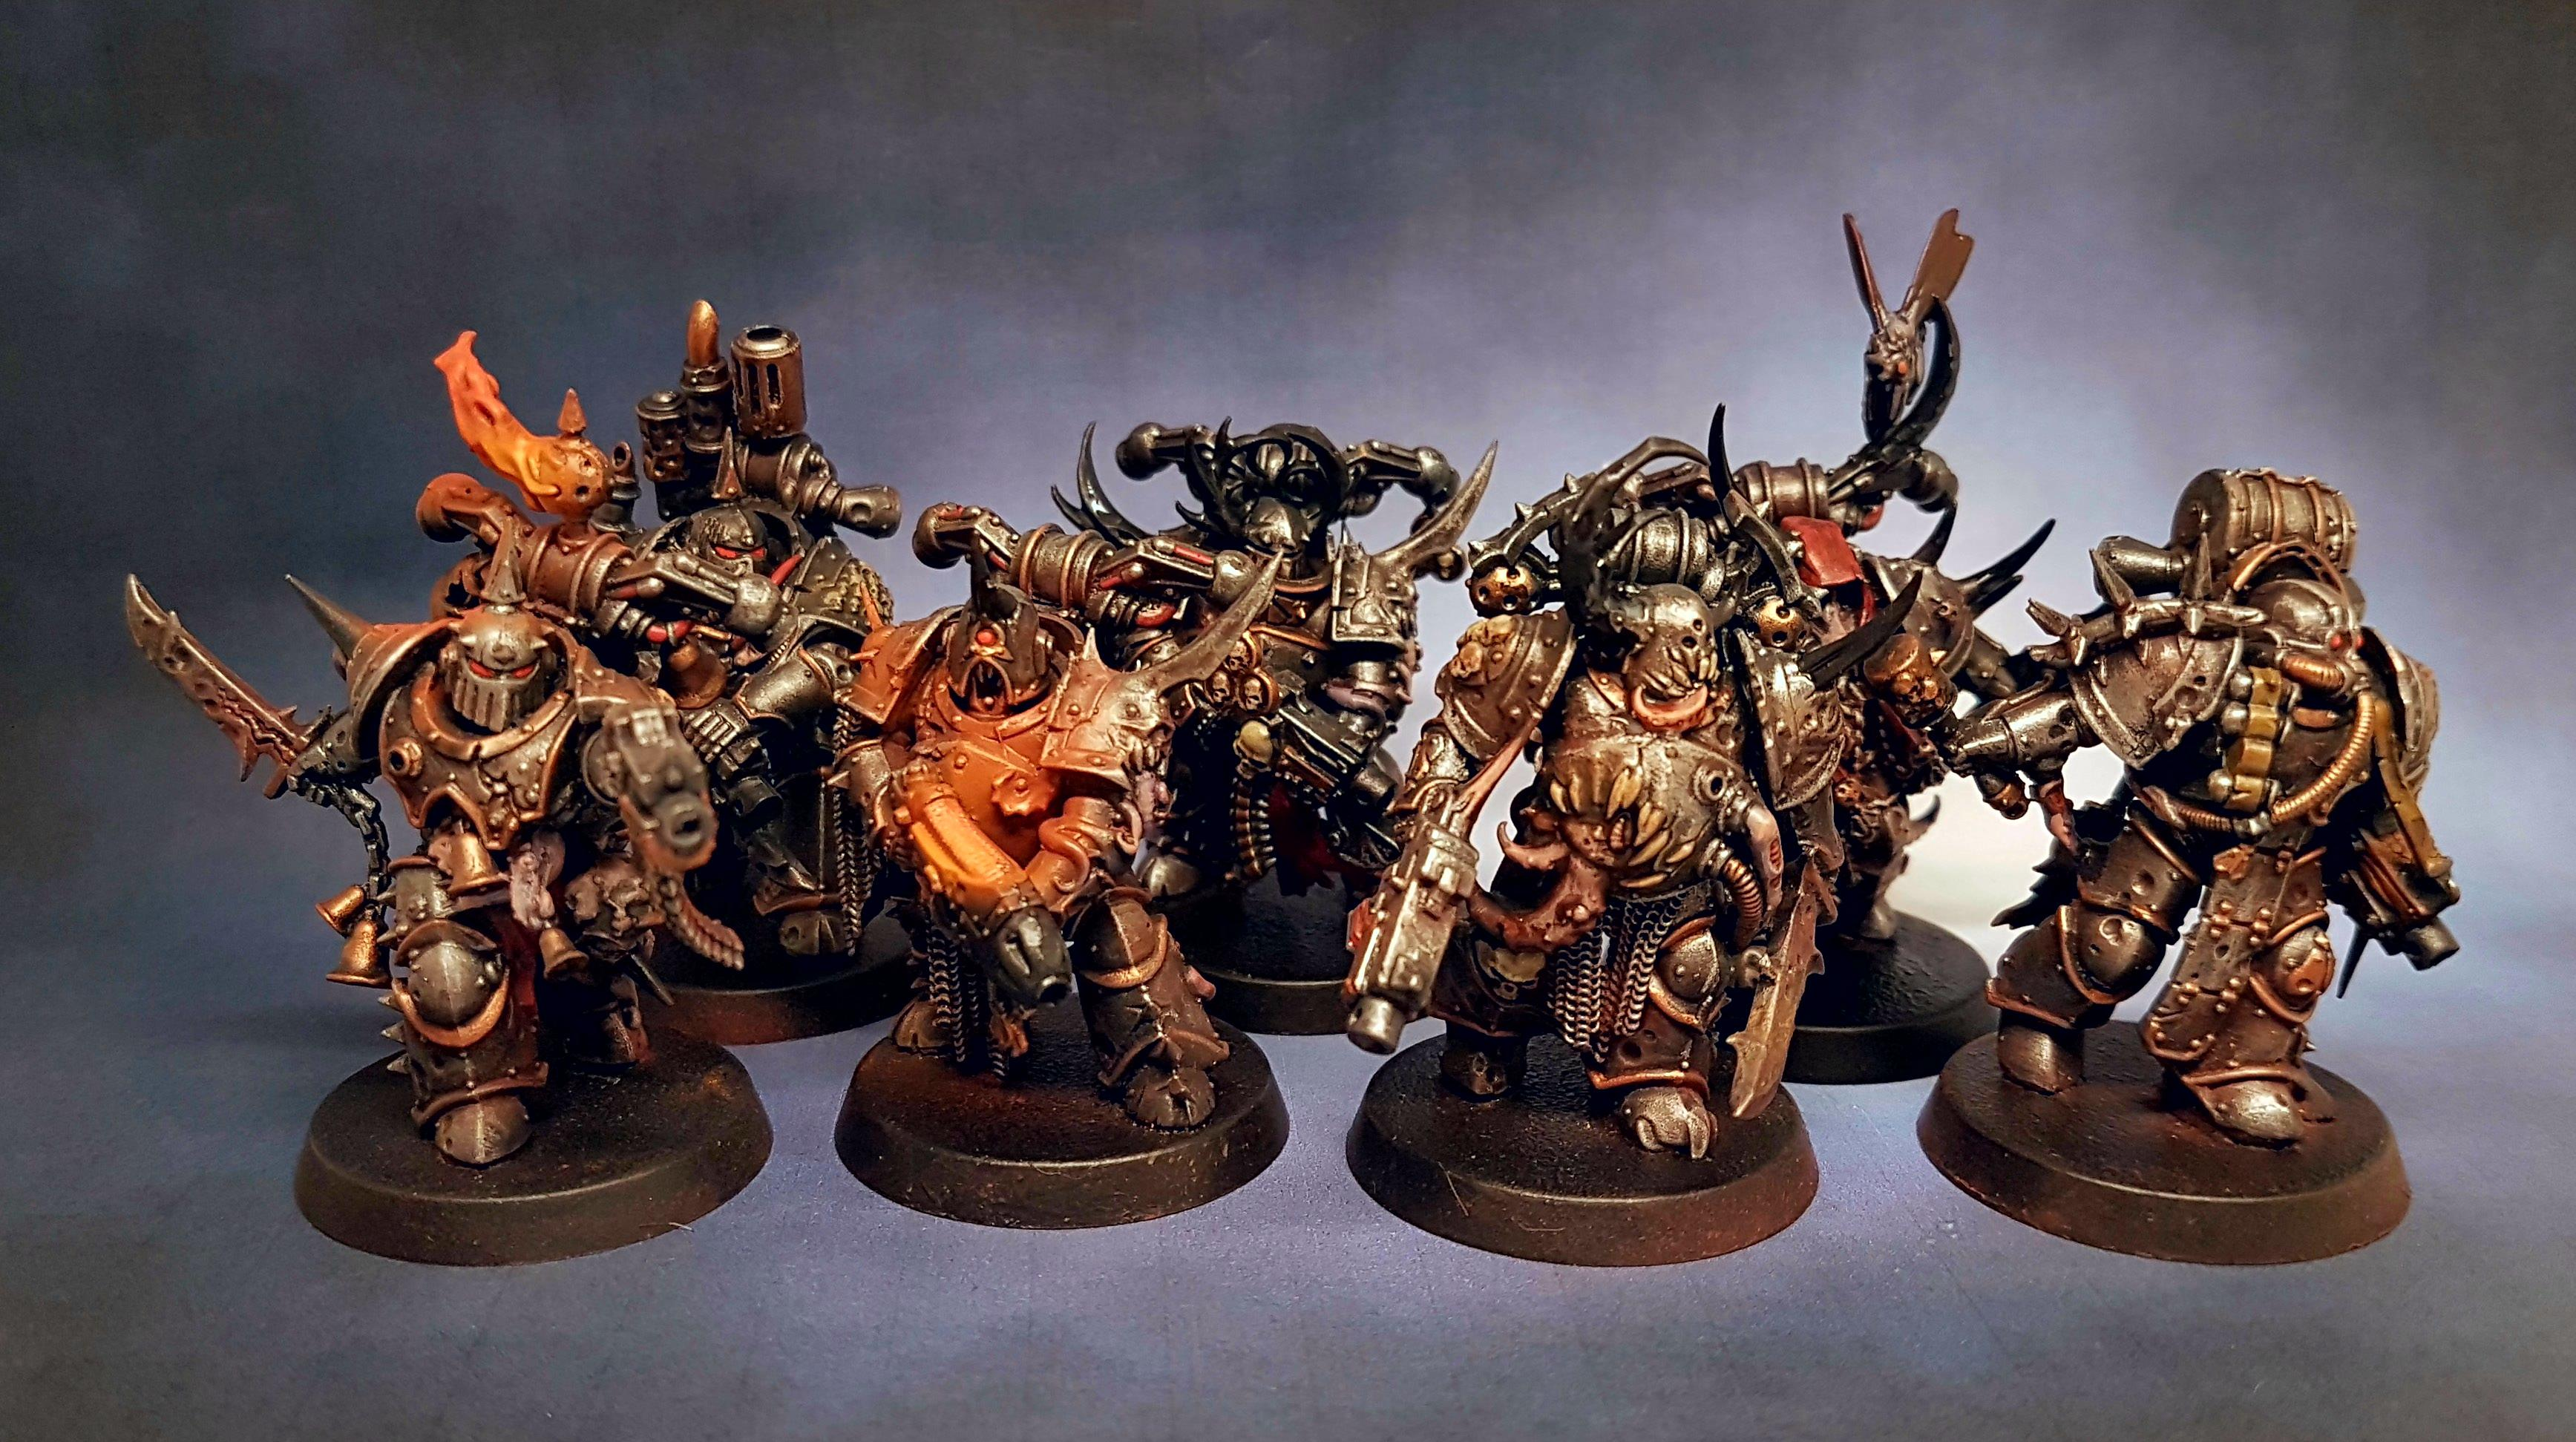 Death Guard, Grim-dark, Nurgle, Warhammer 40,000